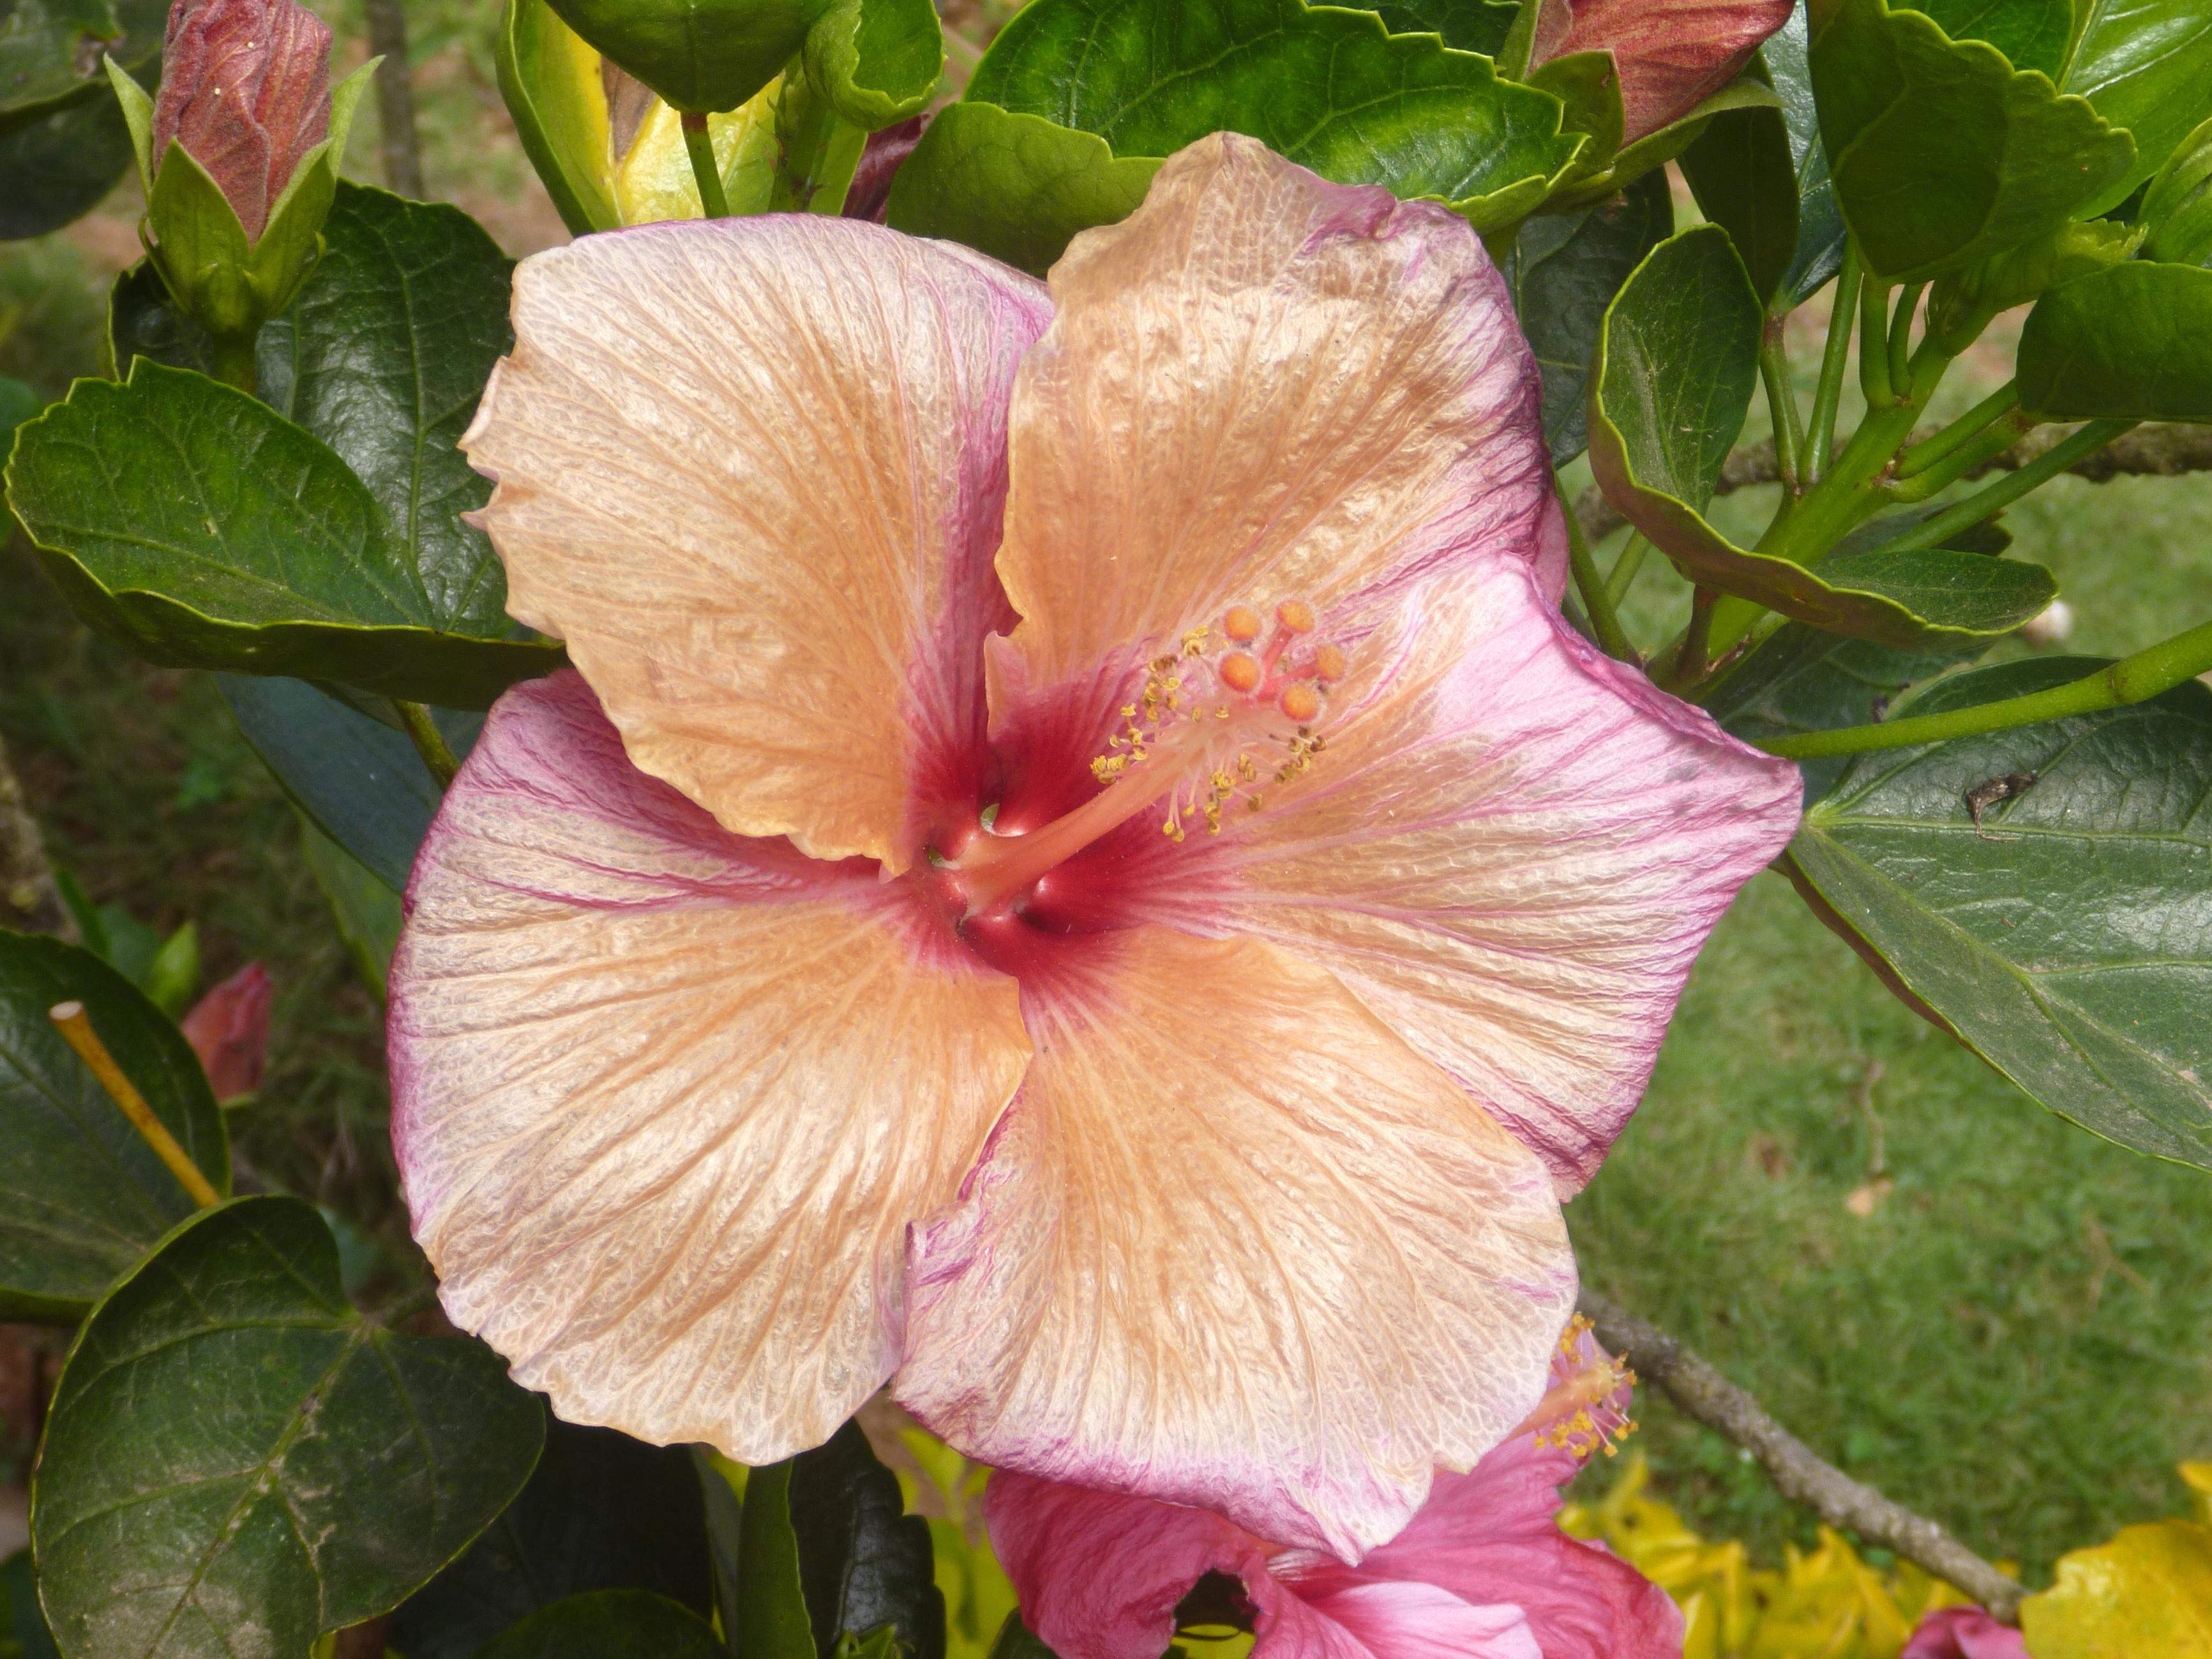 Free picture hibiscus flower pink bloom plant blossom pistil hibiscus flower pink bloom plant blossom pistil petal garden izmirmasajfo